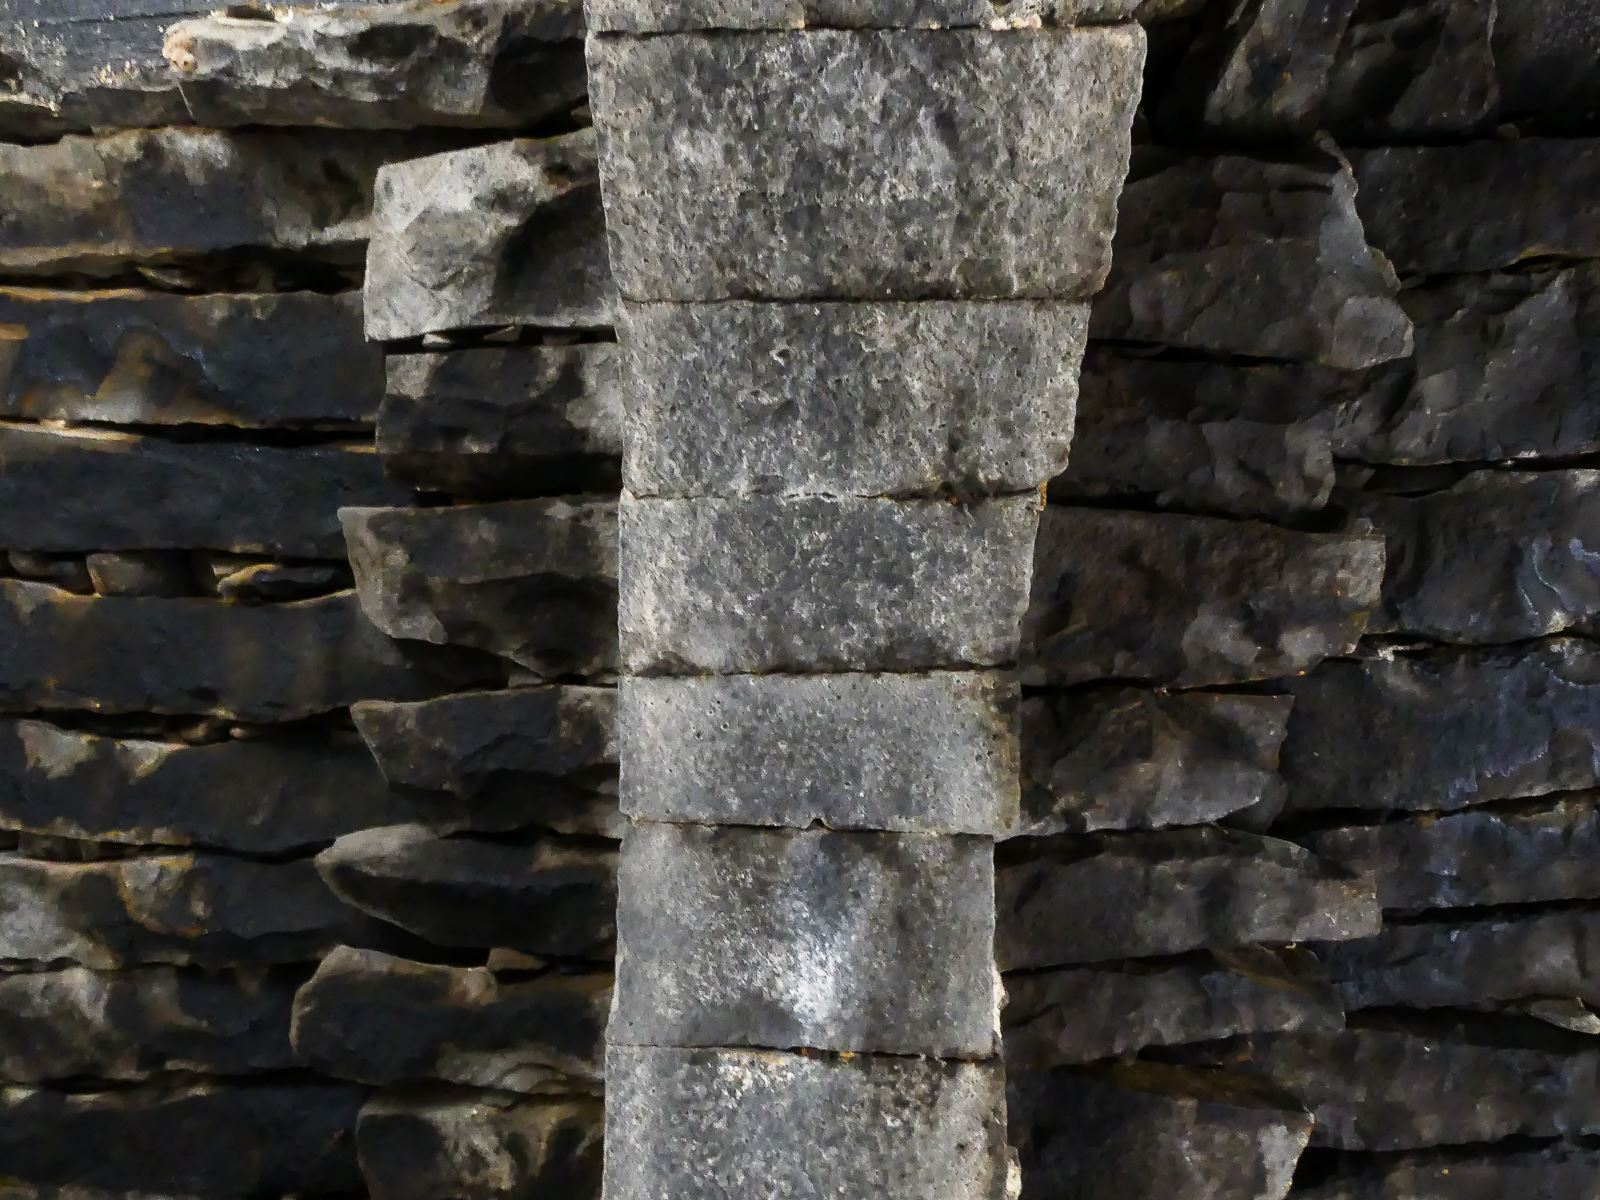 Jordanie - château du désert - Azrak - plafond/plancher en pierre